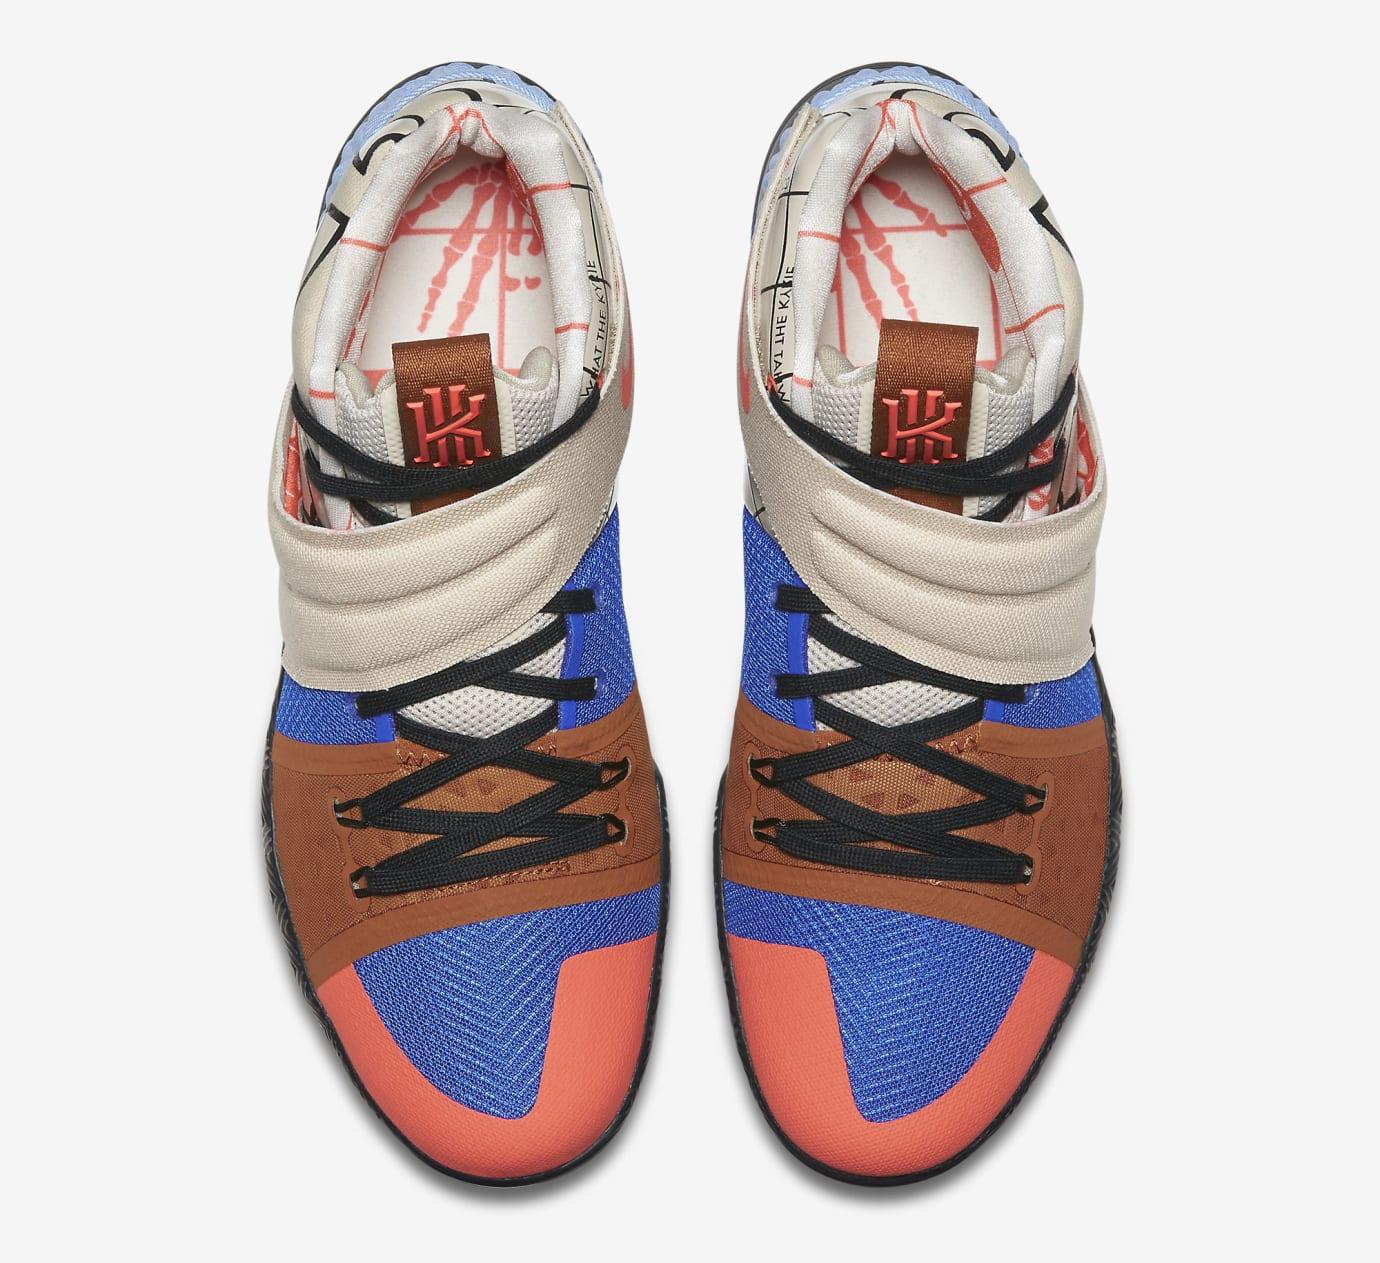 Nike Kyrie Hybrid AJ5165-900 Top